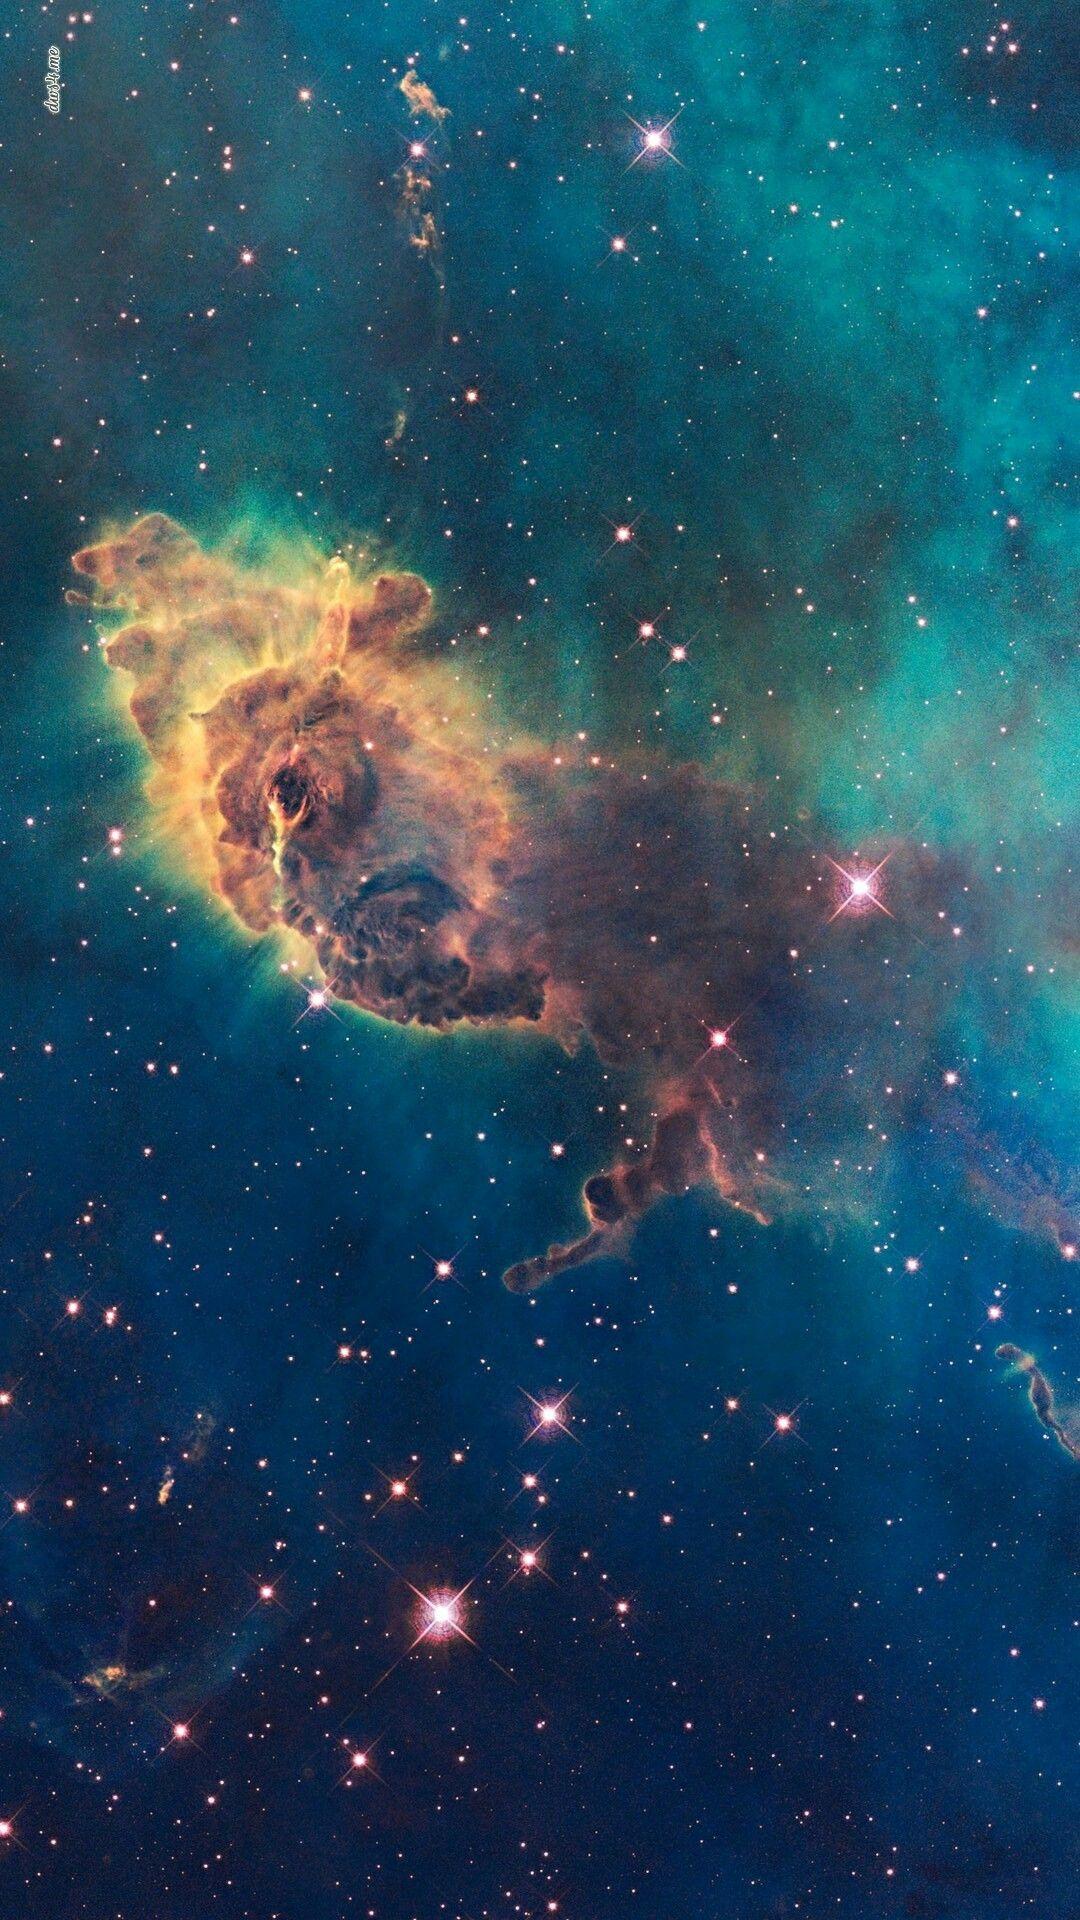 Nebula Phone Background Iphone Wallpaper Nebula Wallpaper Nebula